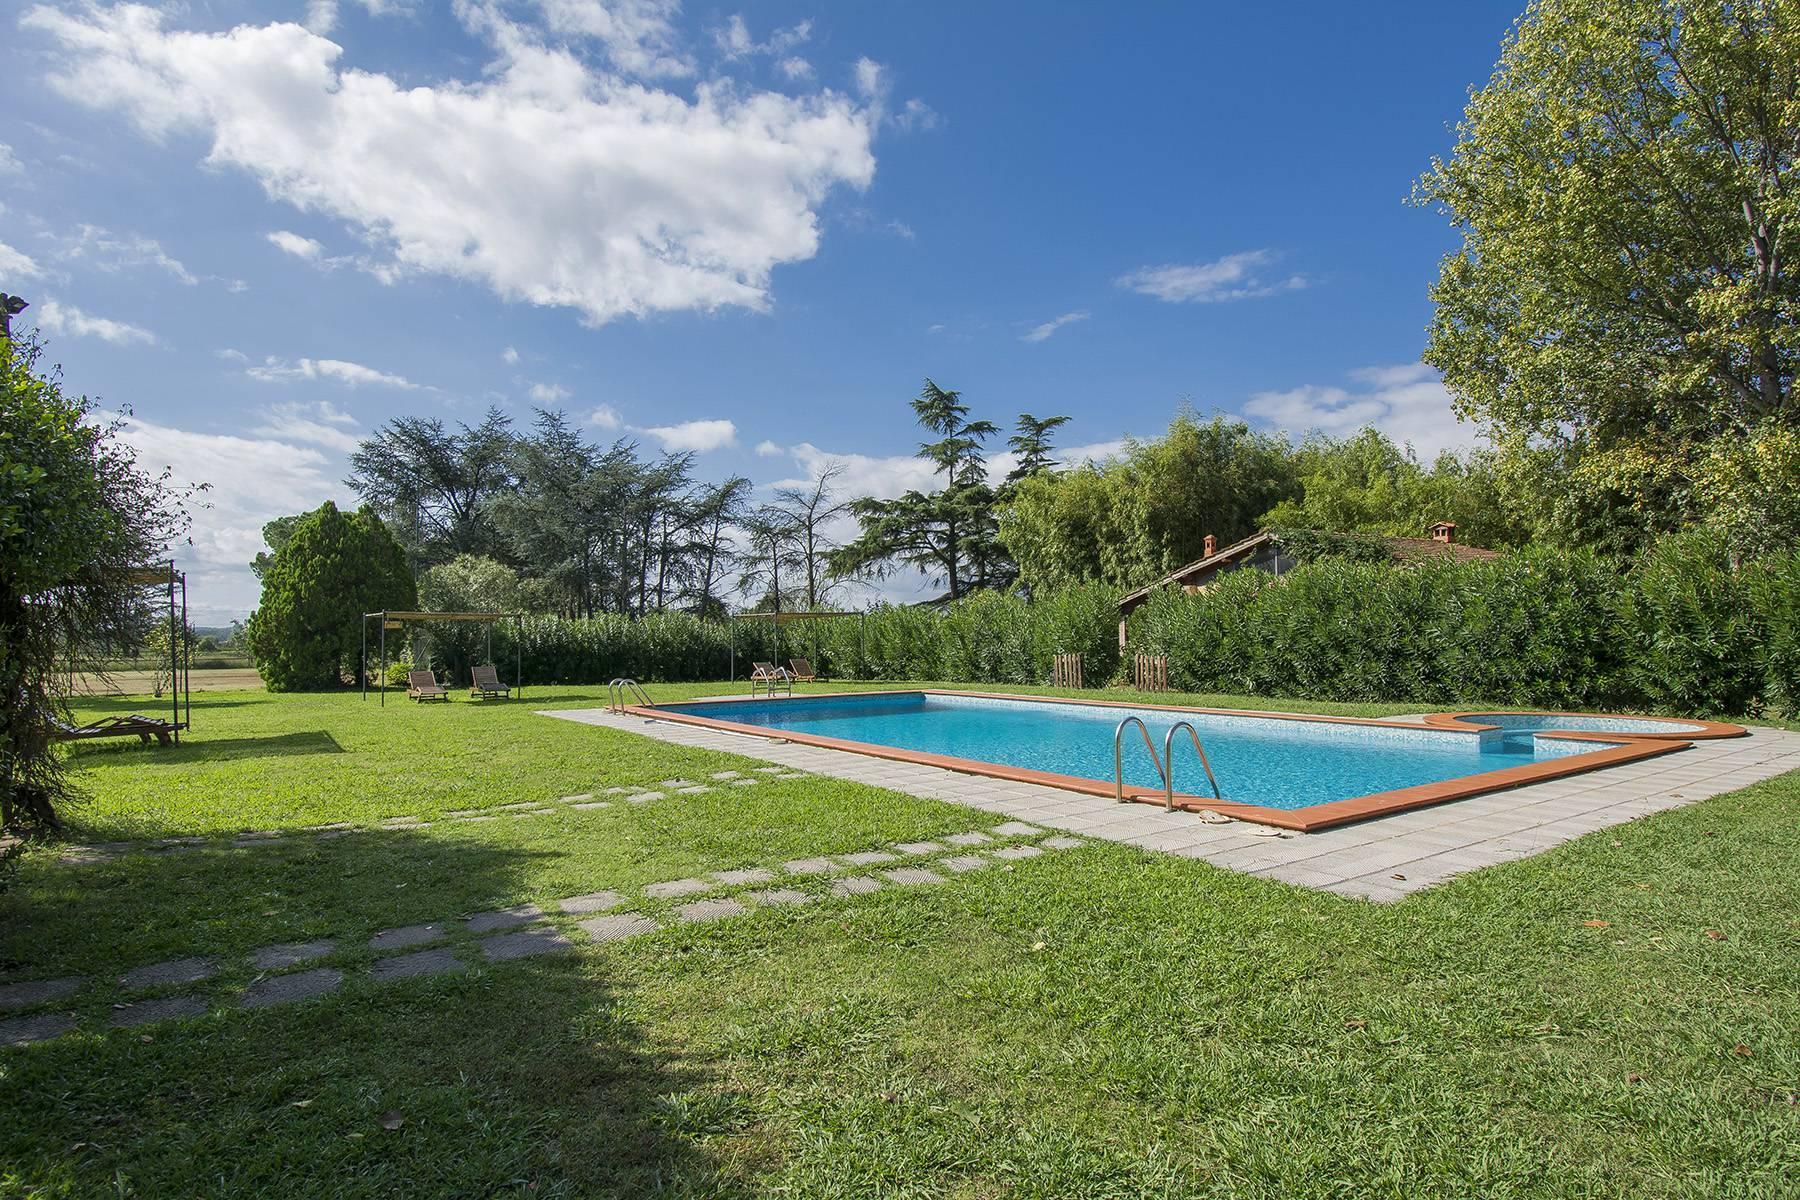 Bauernhaus mit Reitschule auf dem toskanischen Landschaft - 24